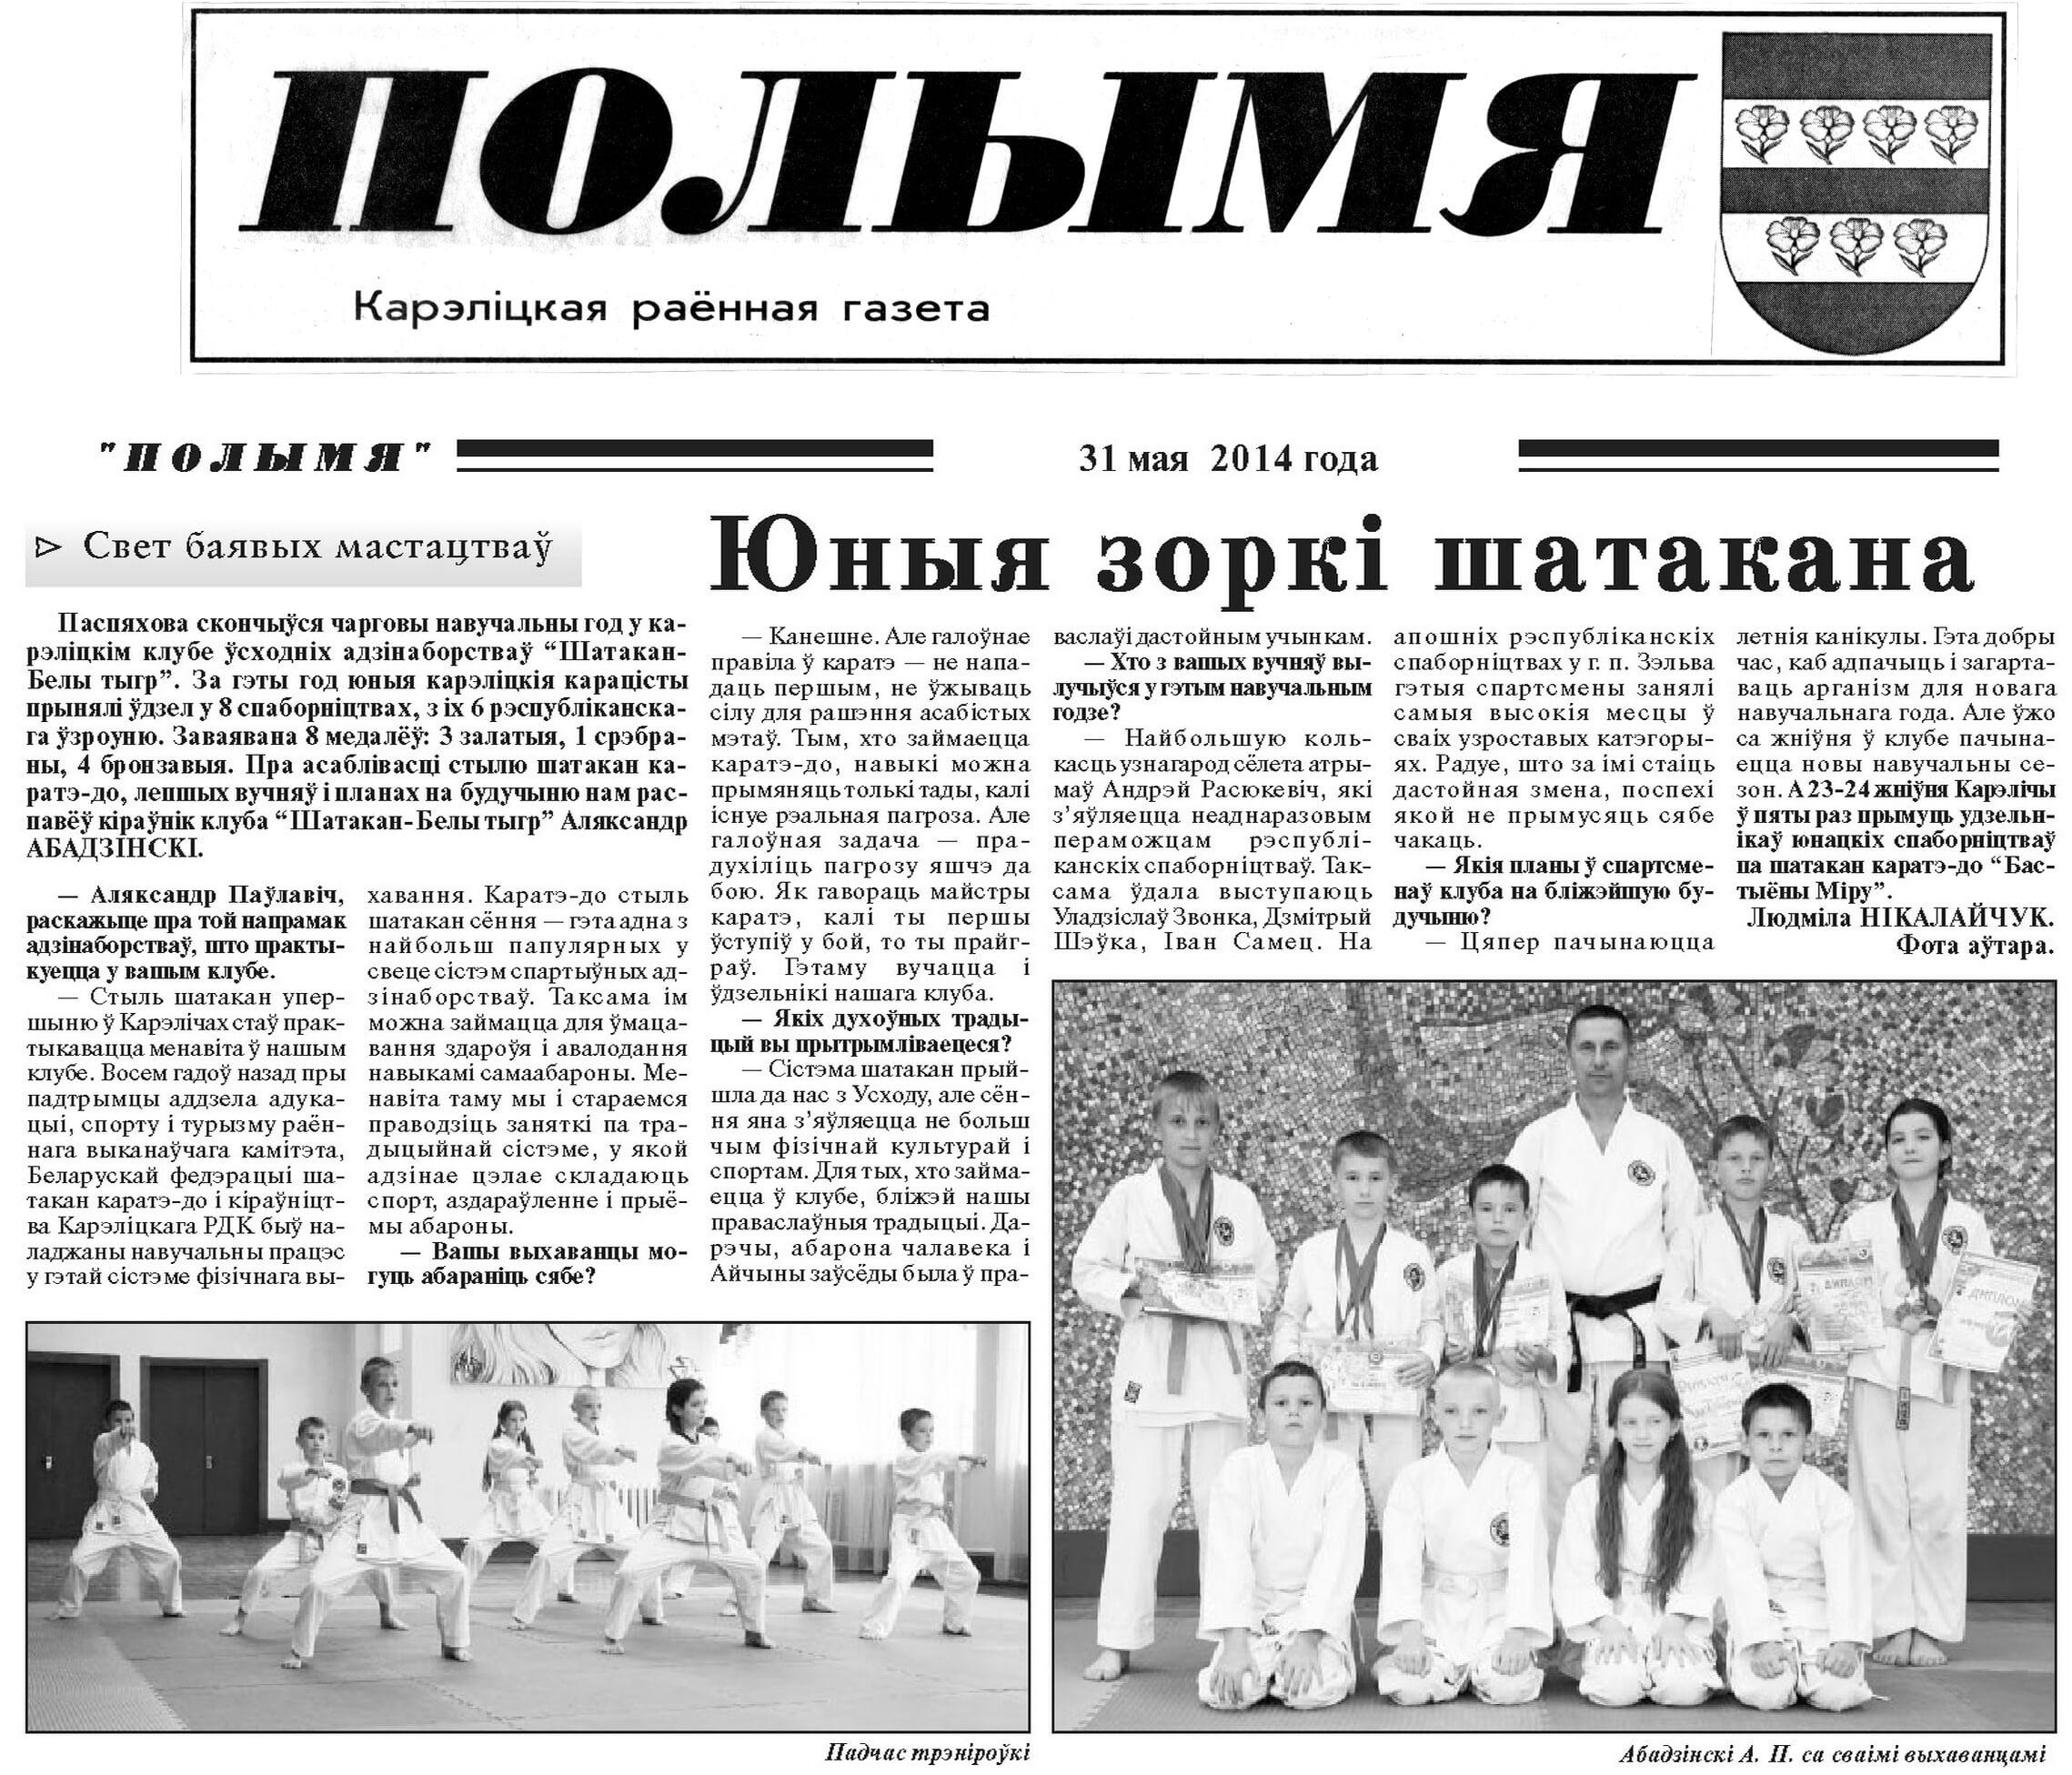 http://karate-academy.by/wp-content/uploads/2014/06/2014-05-%D0%AE%D0%BD%D1%8B%D1%8F-%D0%B7%D0%BE%D1%80%D0%BA%D0%B8-%D1%88%D0%B0%D1%82%D0%B0%D0%BA%D0%B0%D0%BD%D0%B0.jpg